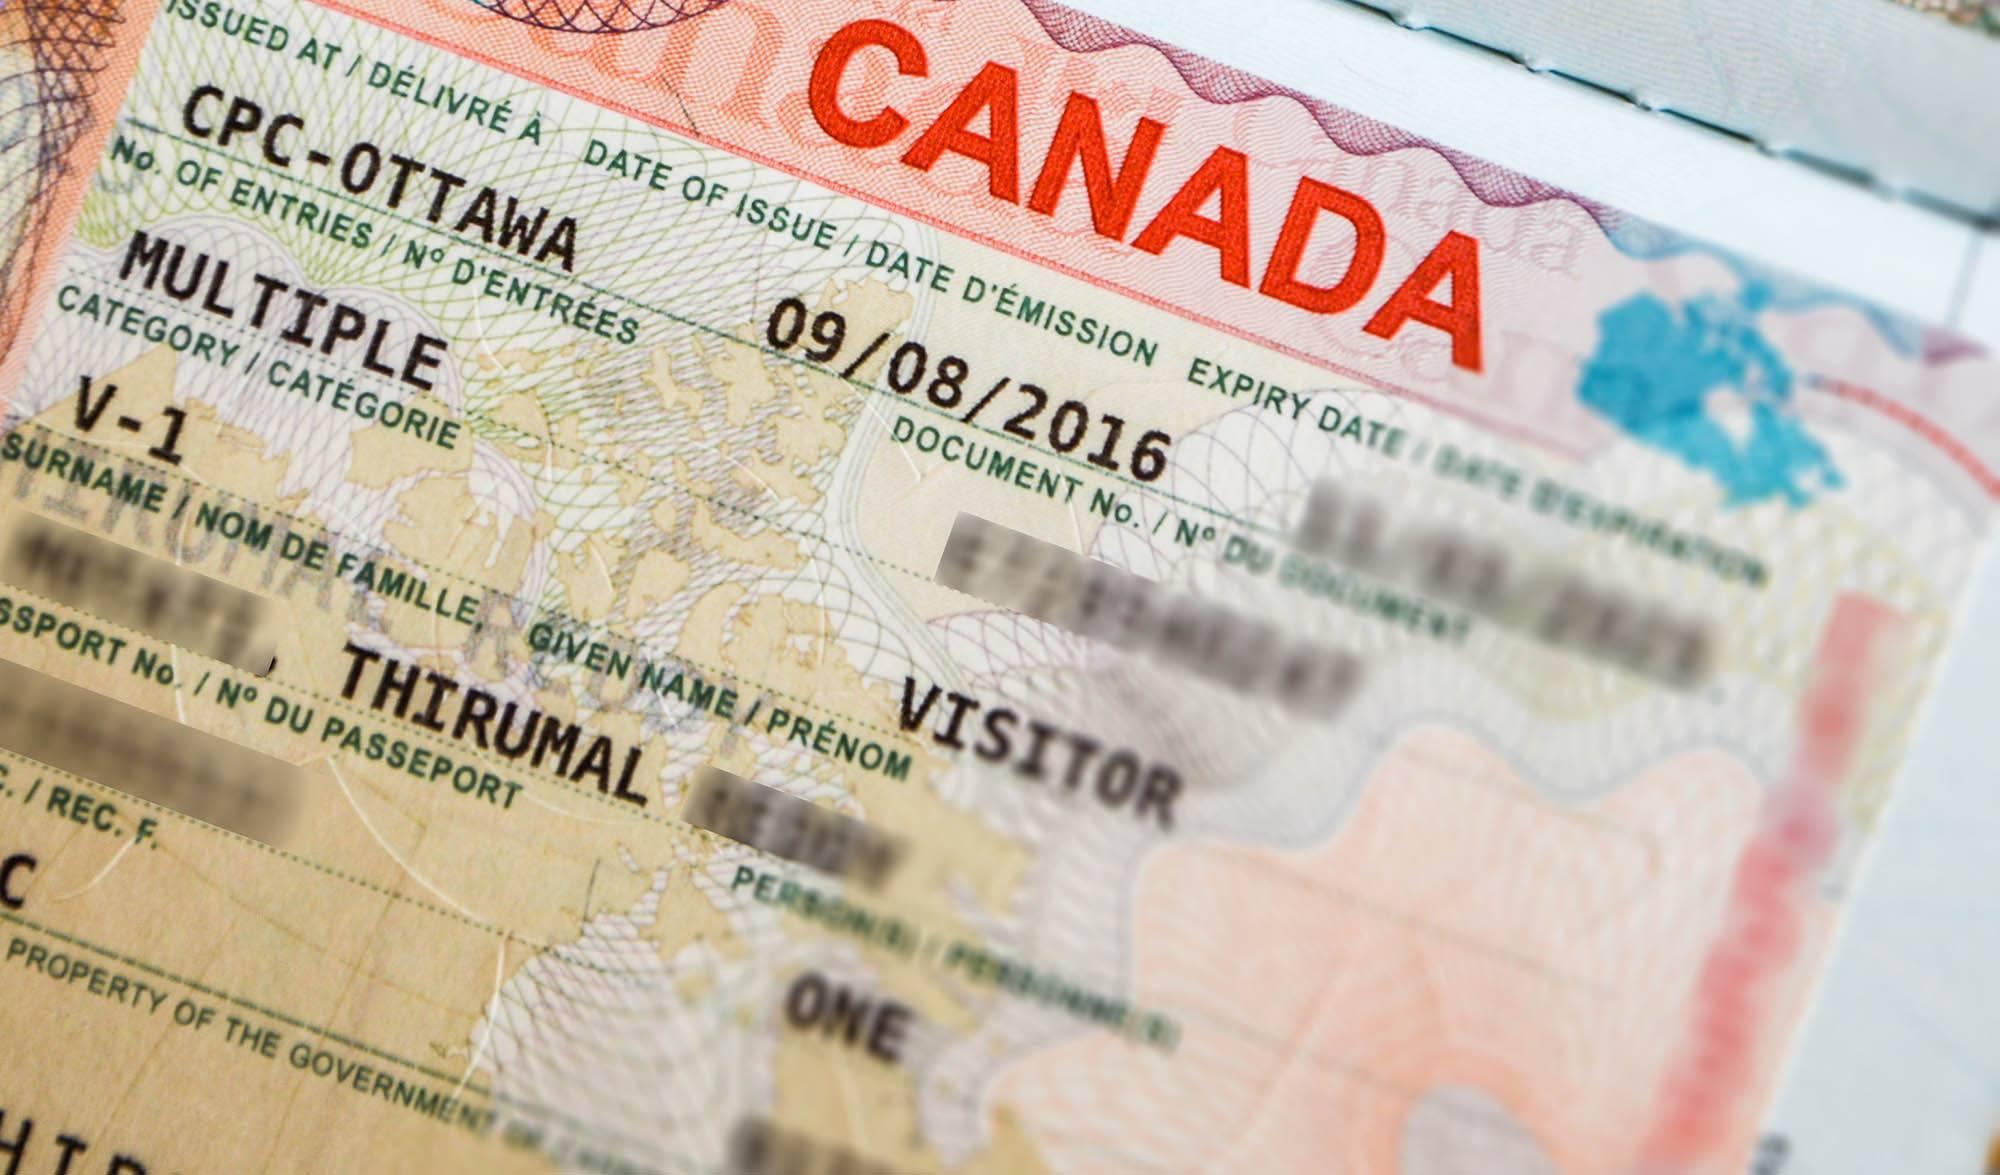 كيفية التقديم على فيزا كندا عبر الموقع الإلكتروني Travboat